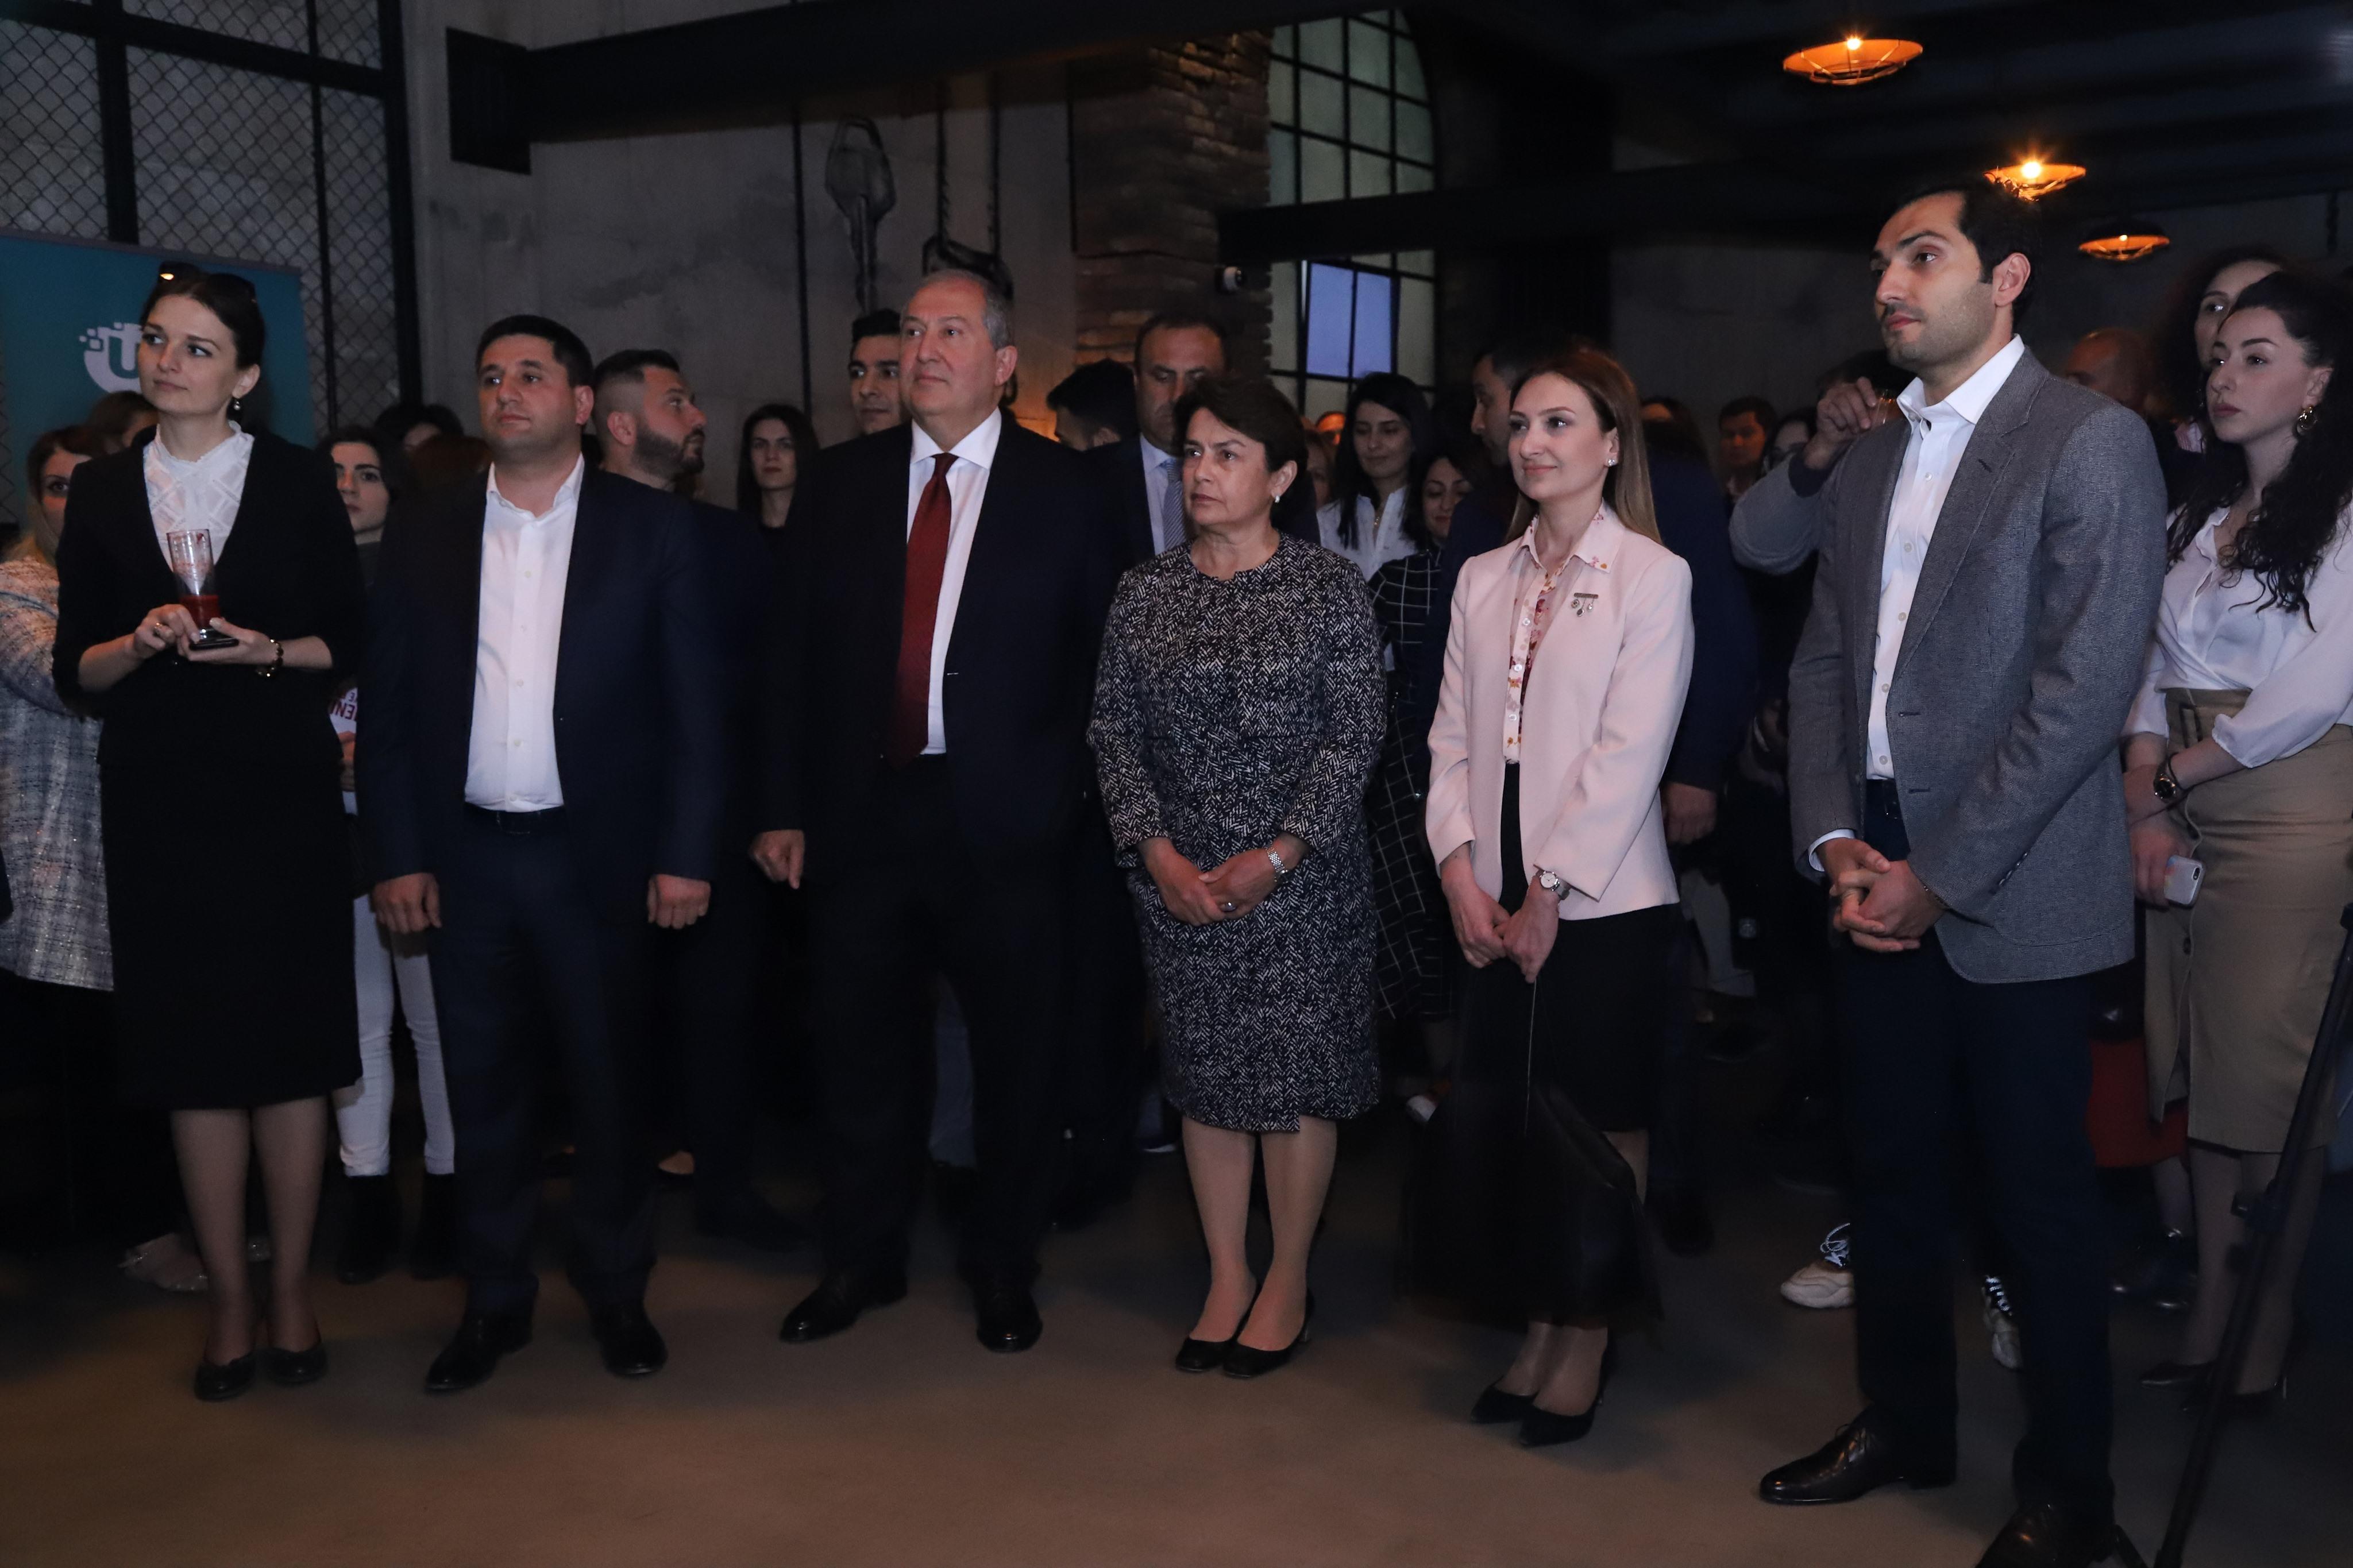 Նախագահ Արմեն Սարգսյանը ներկա է գտնվել Ucom-ի և «Creative Armenia»-ի ստեղծարար երիտասարդների միջոցառմանը